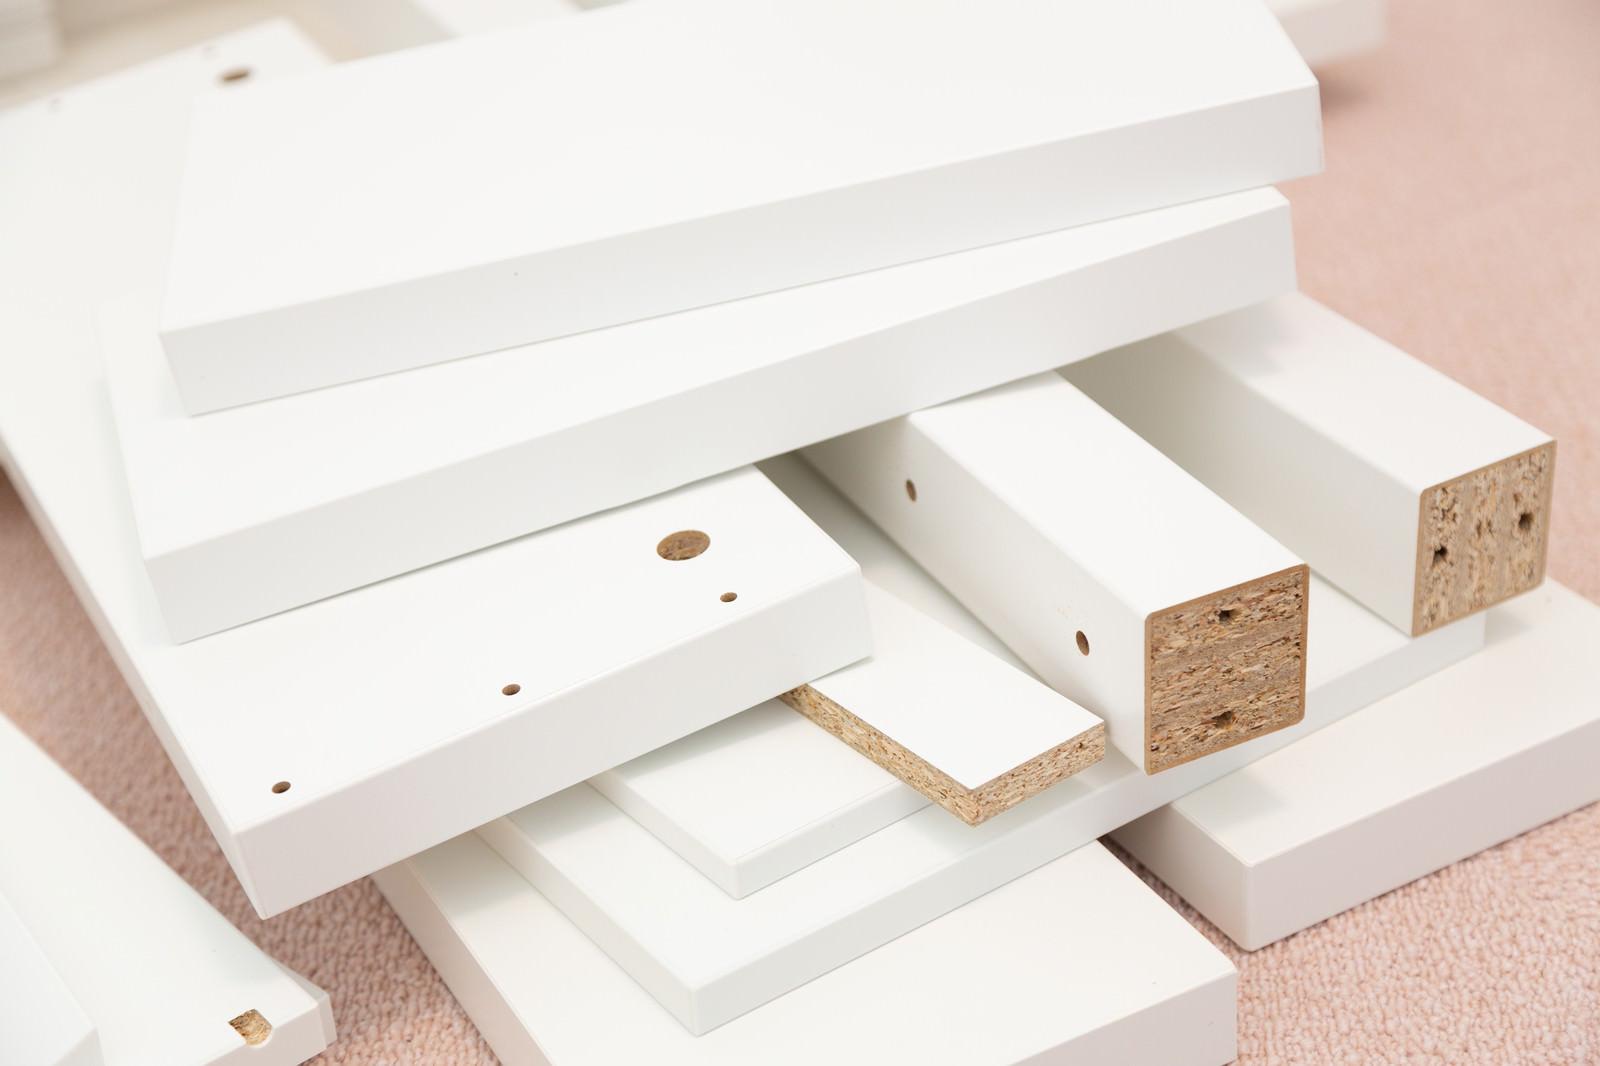 「パーツが多い組み立て式家具」の写真